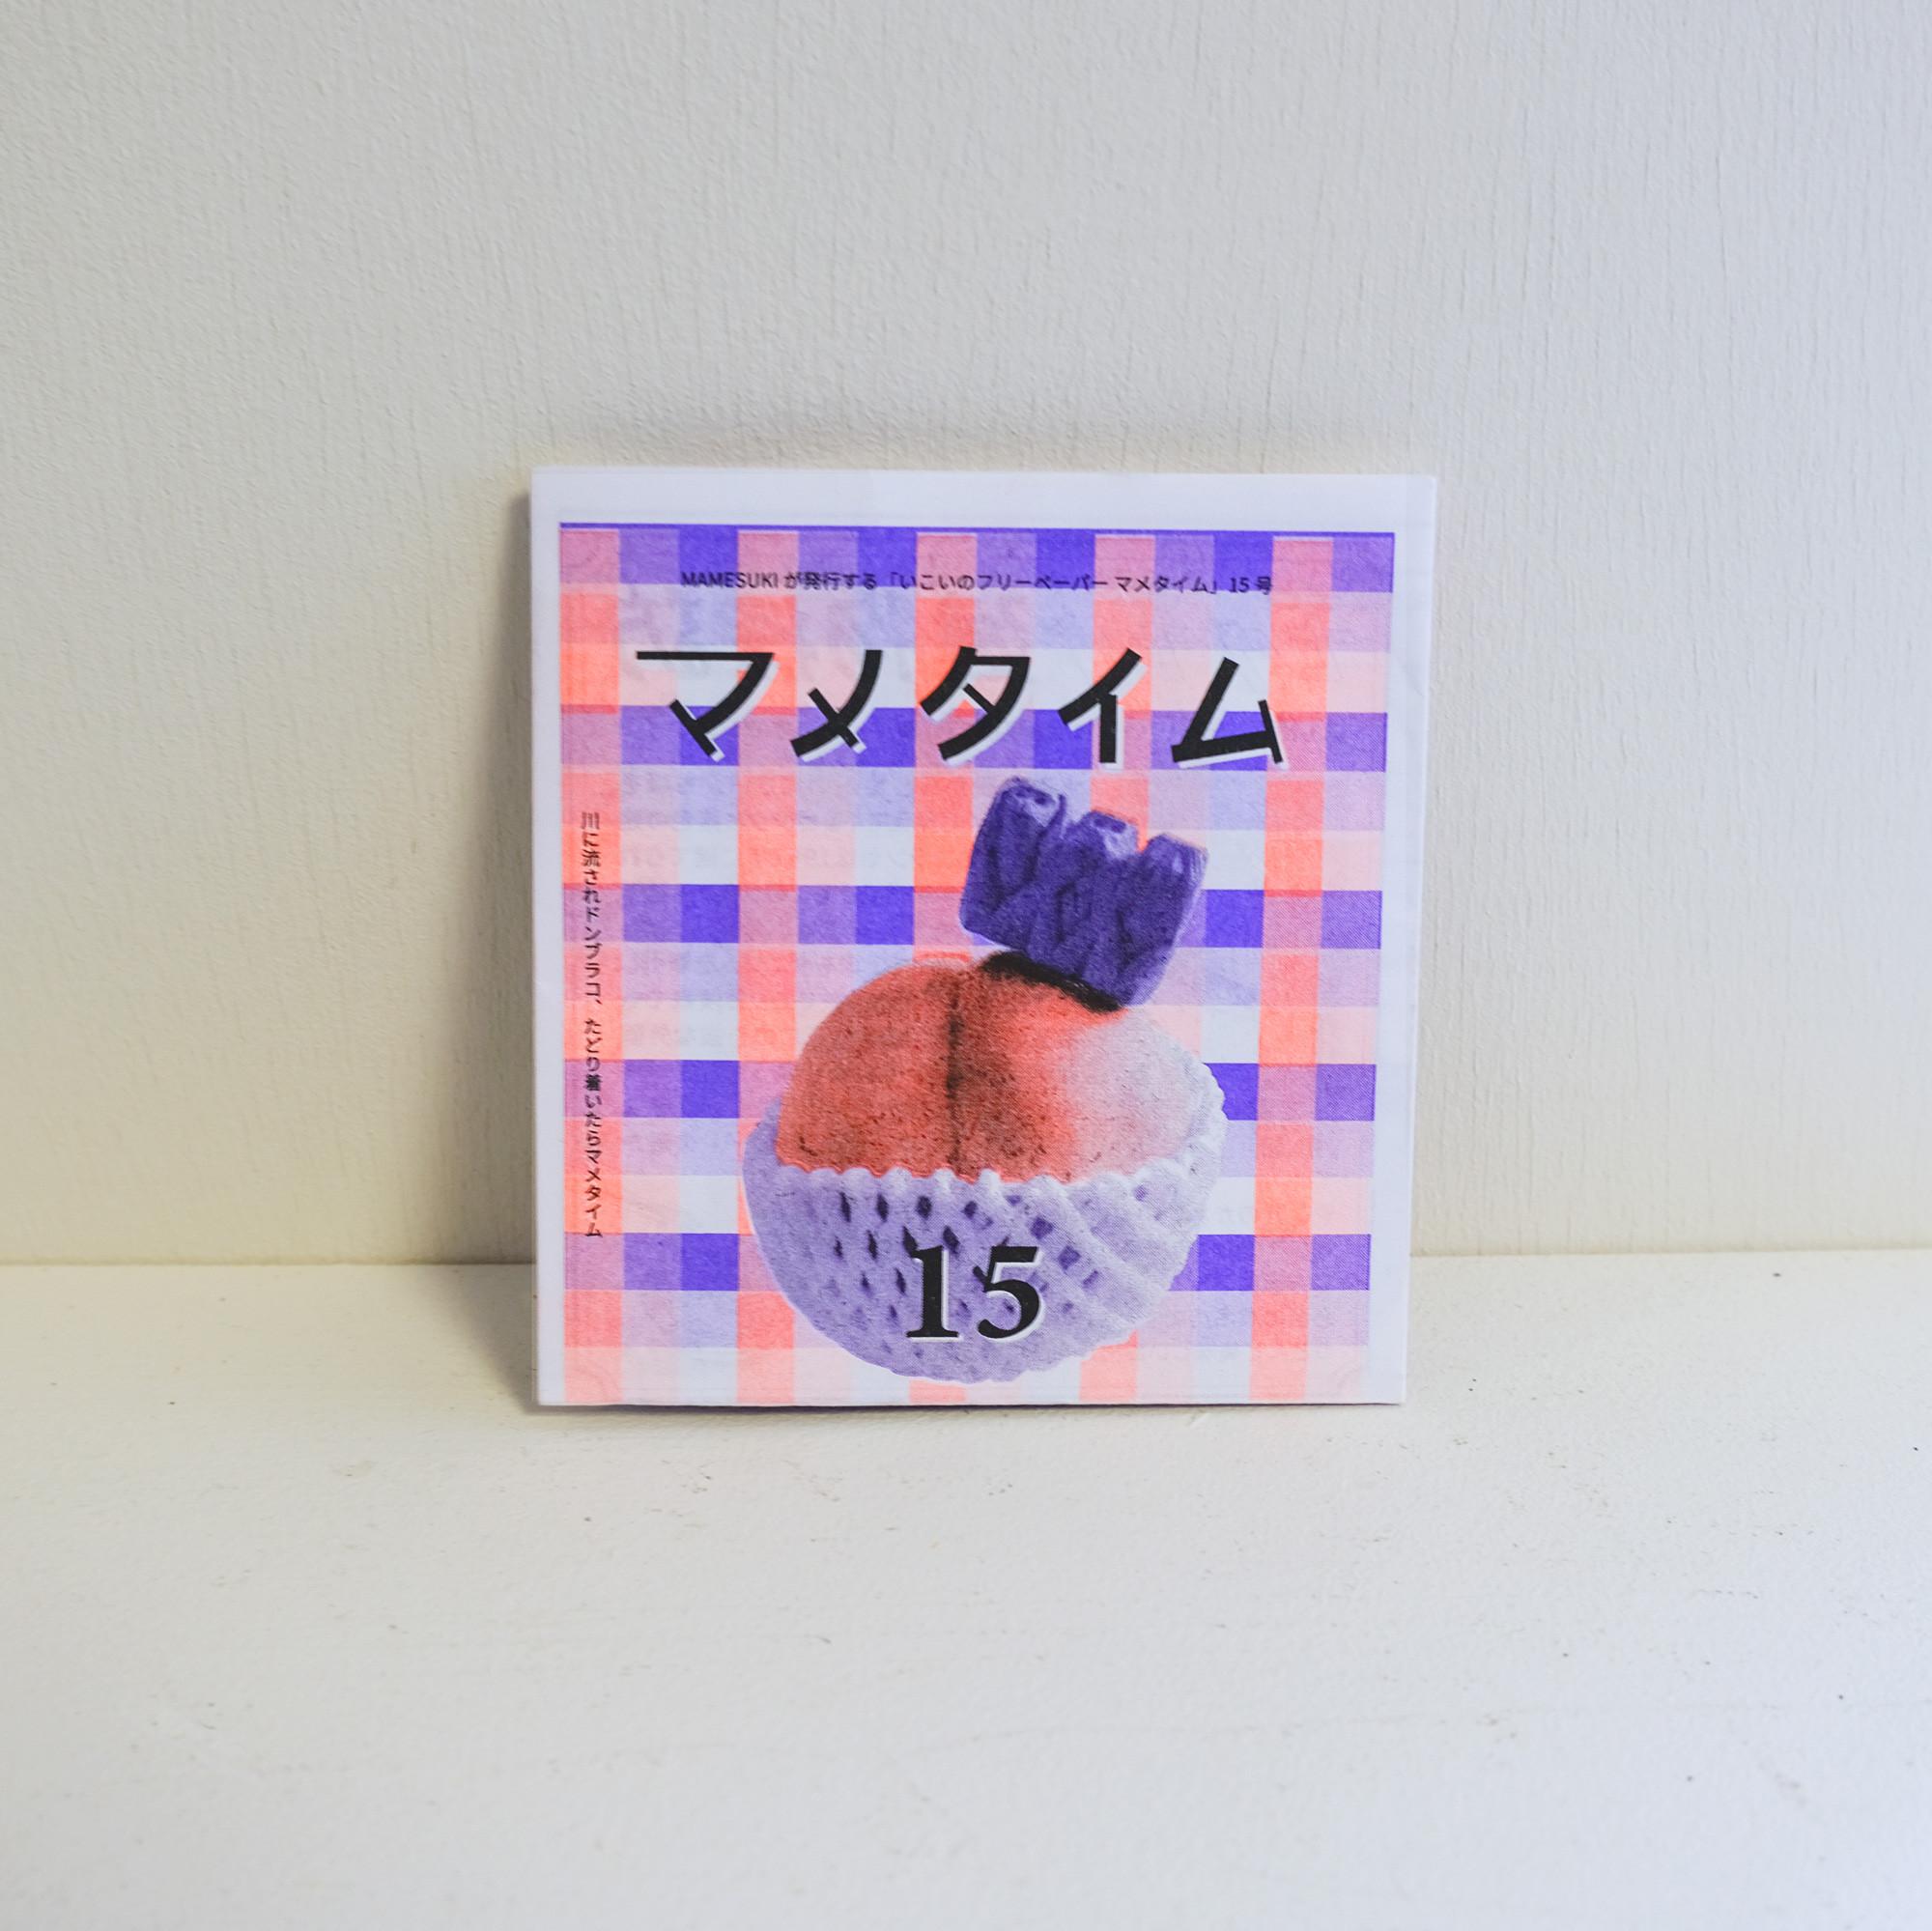 MAMESUKIが発行する「いこいのフリーペーパー マメタイム」15号が完成しました